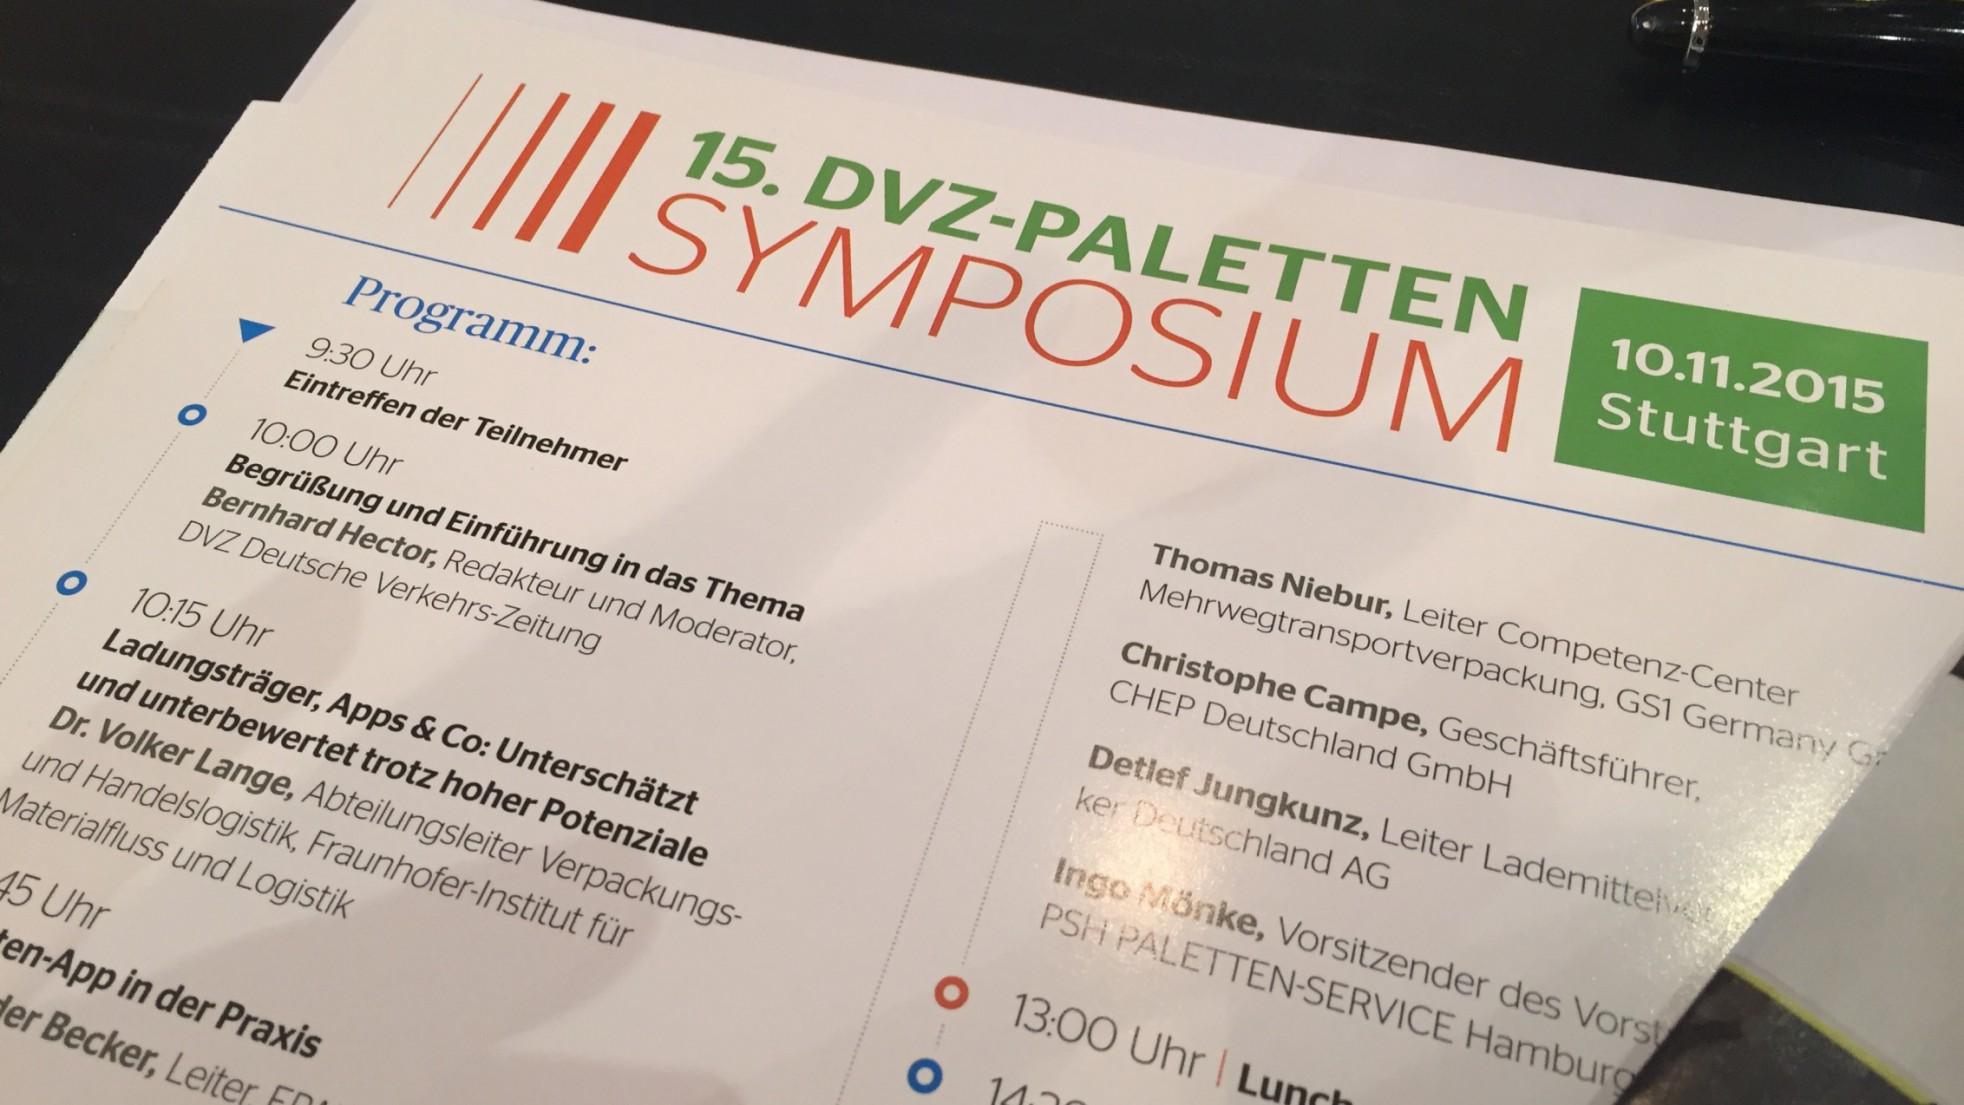 review: 15. palettensymposium - palettenpool deutschland